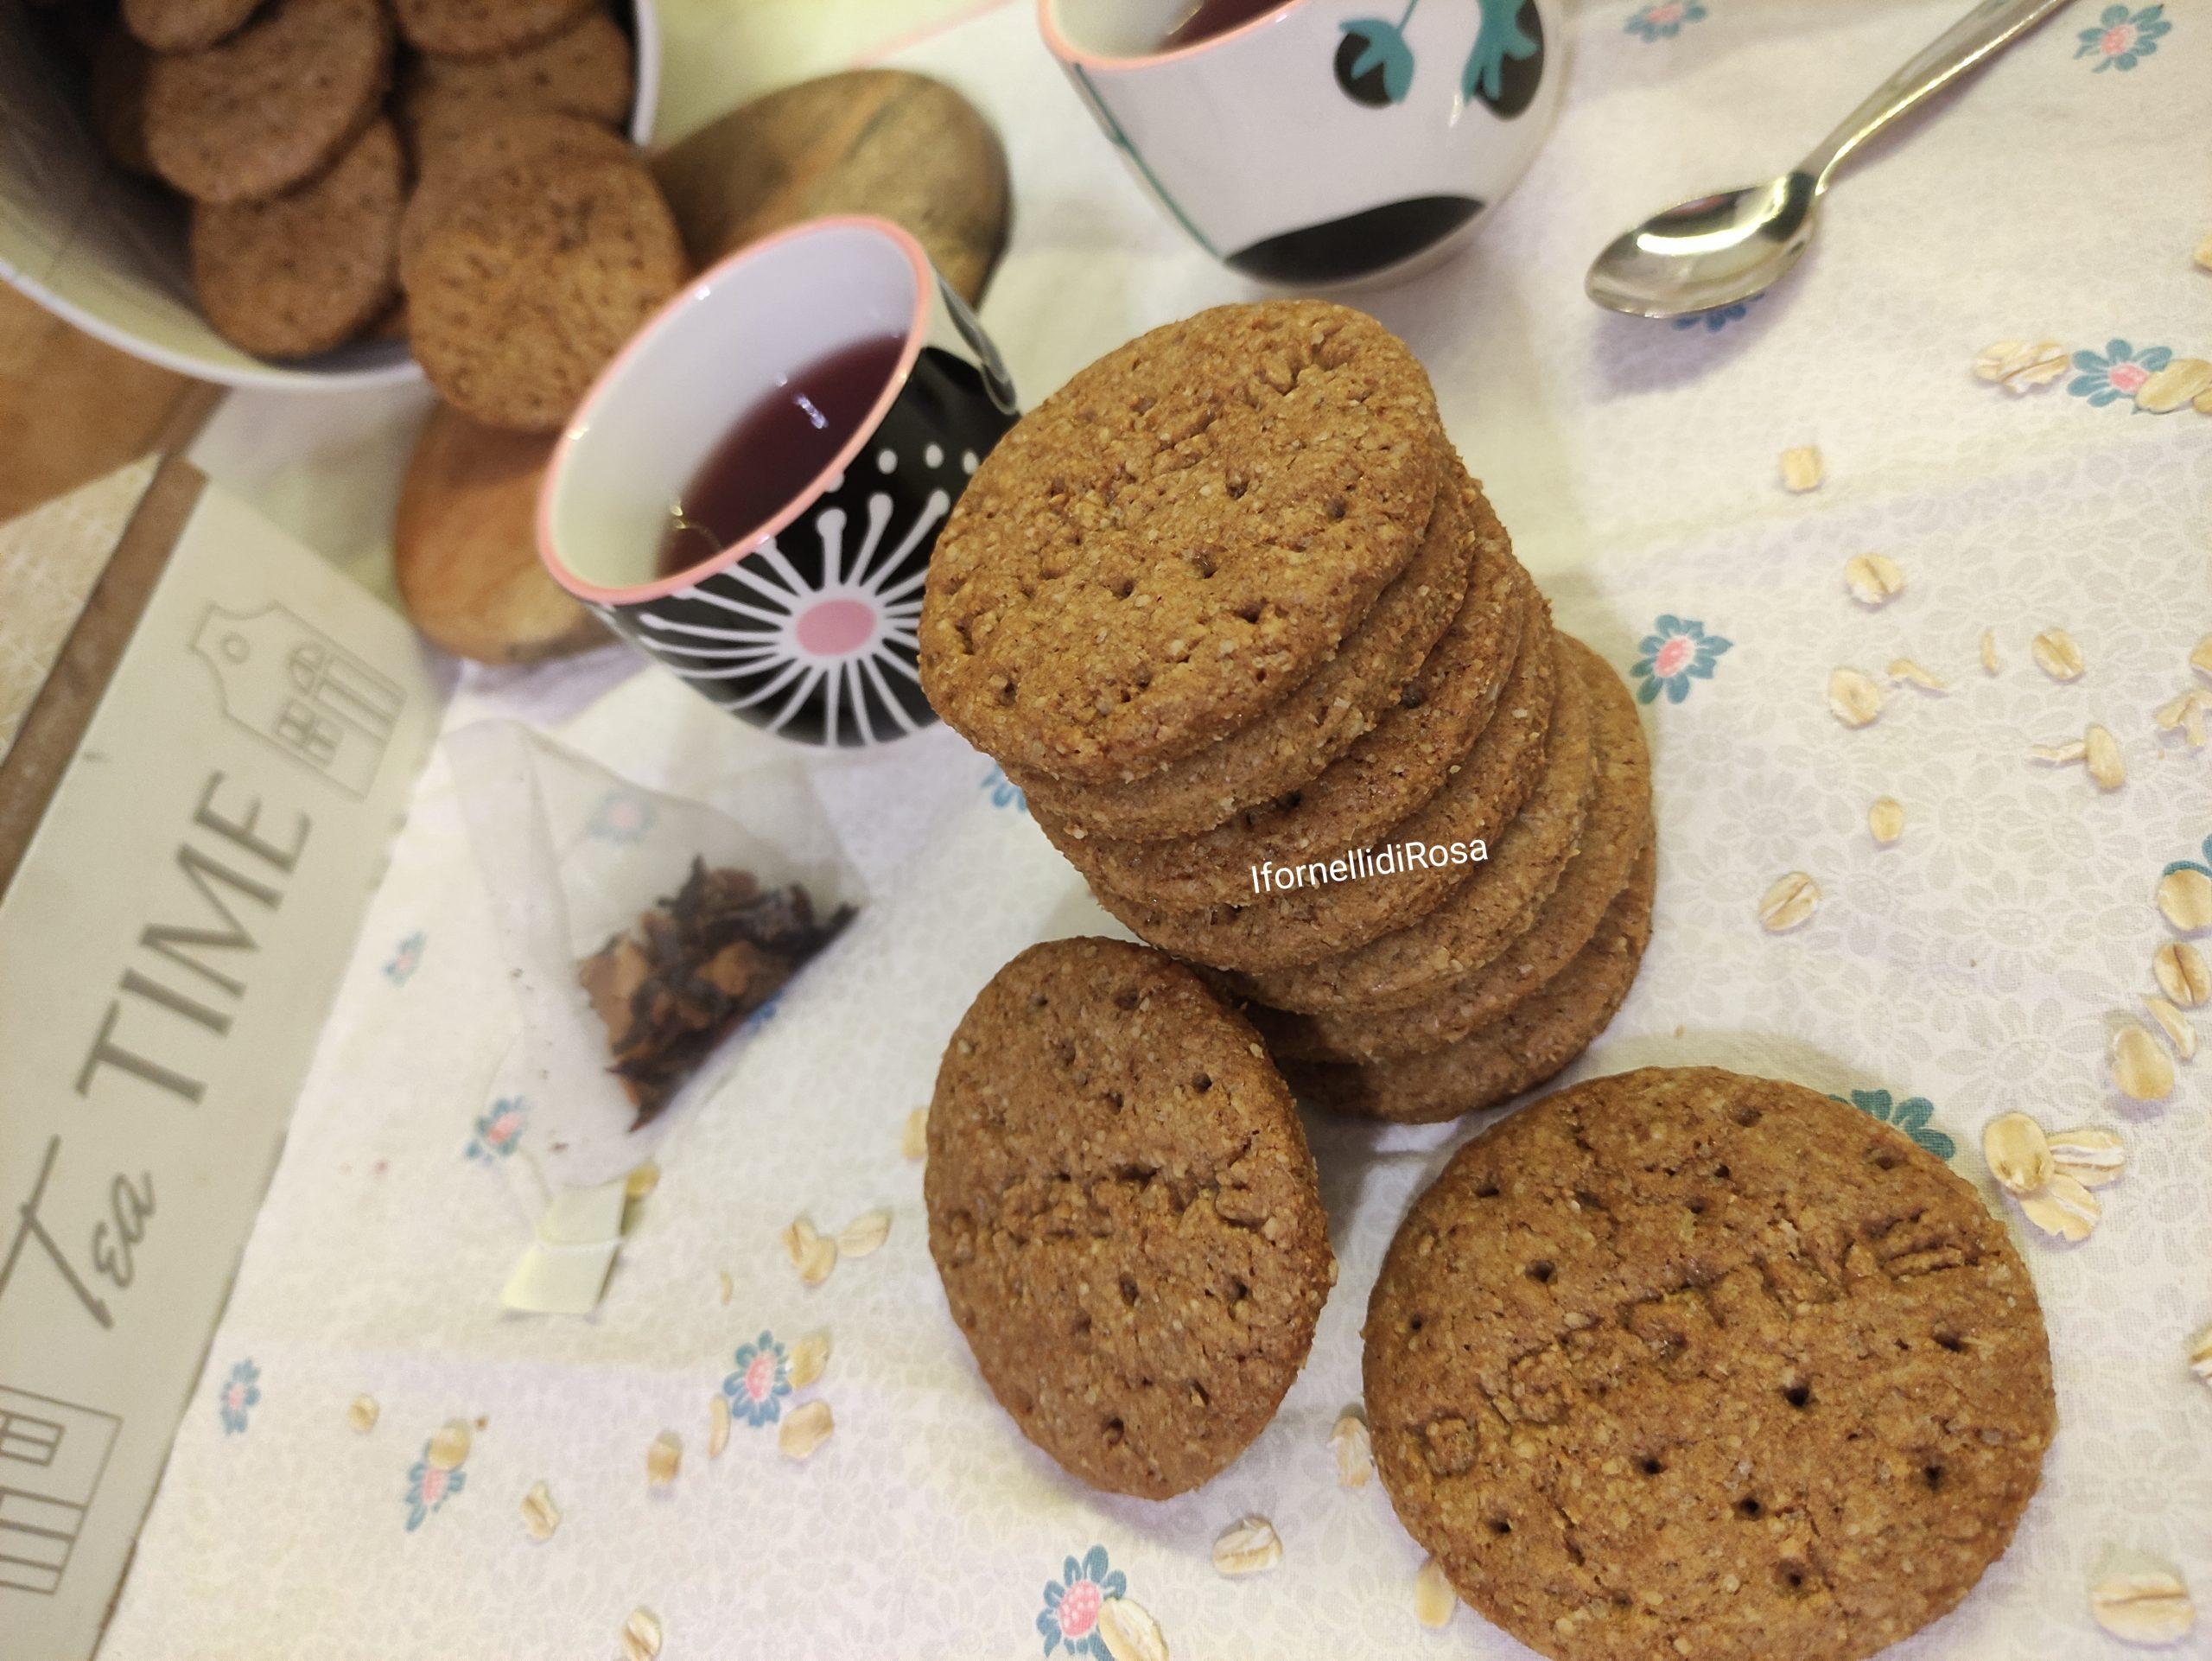 Biscotti digestive integrali fatti in casa